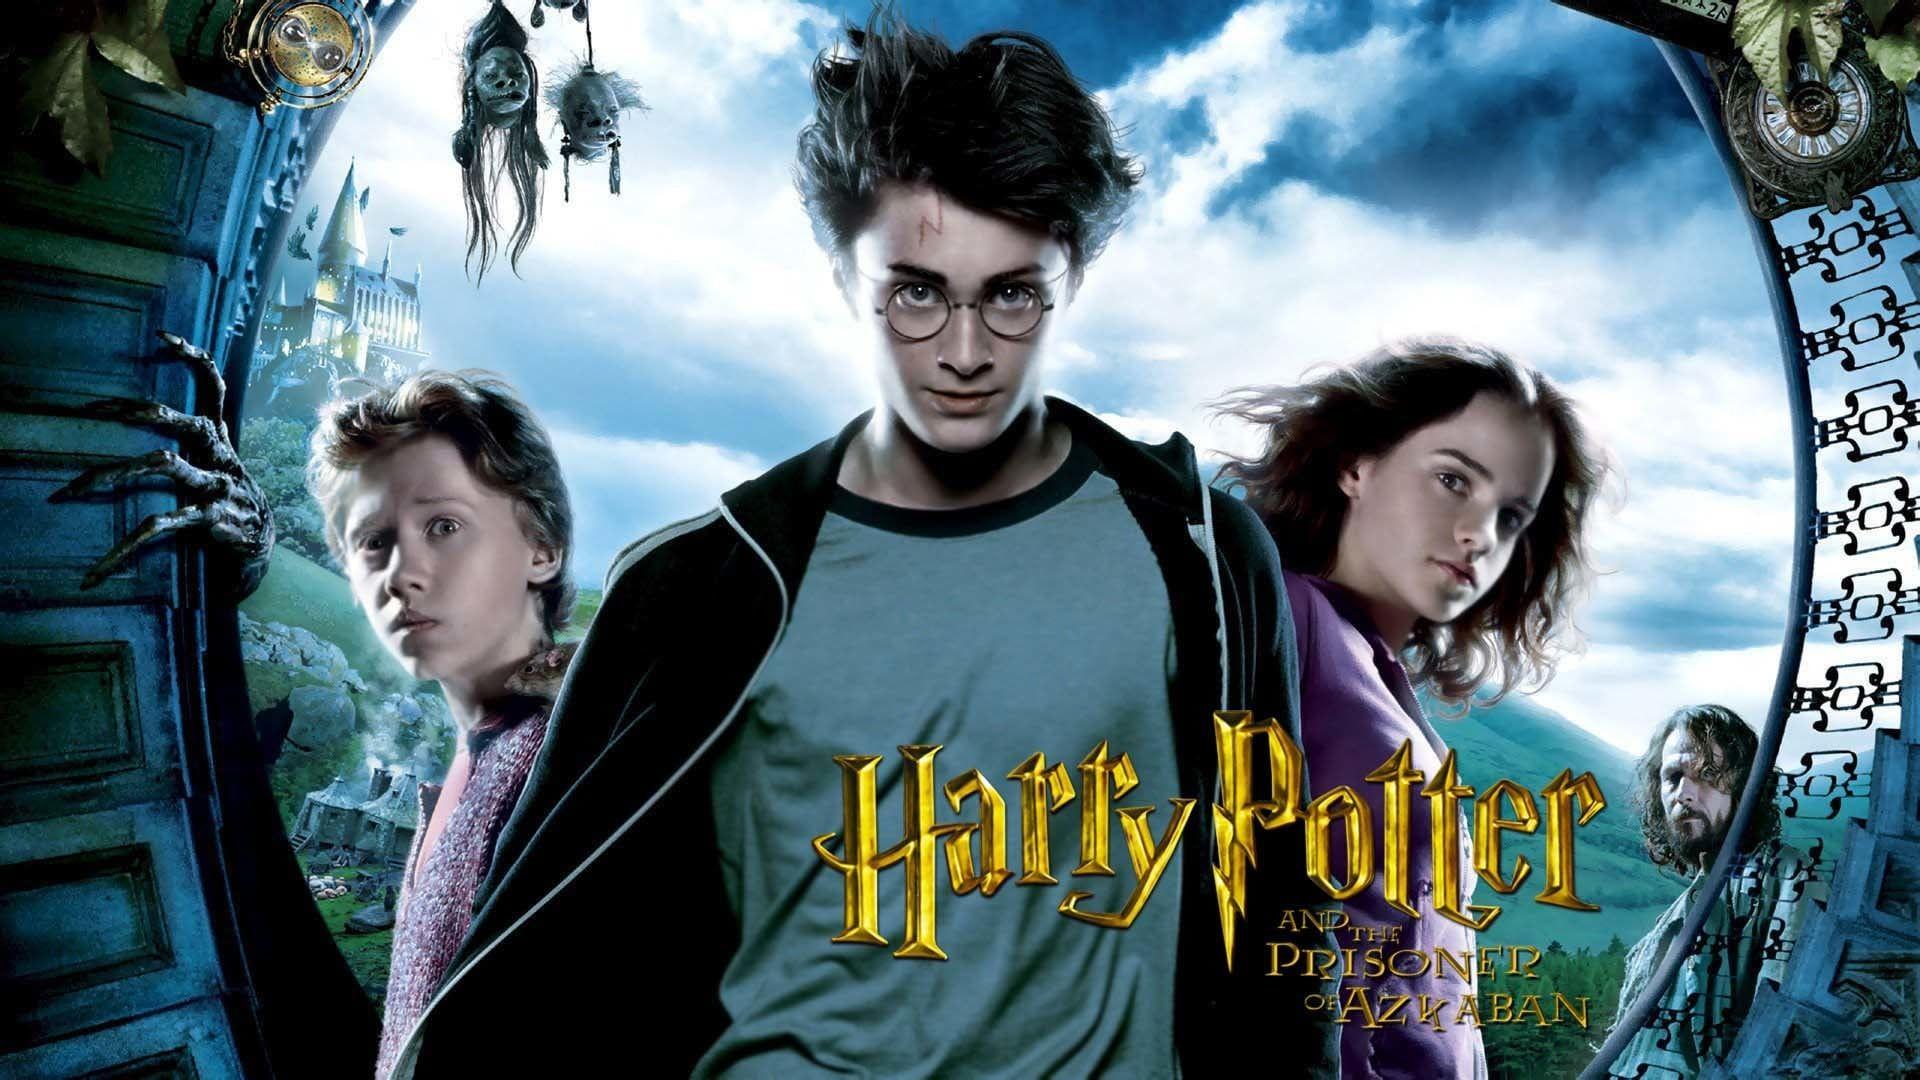 Harry Potter E Il Prigioniero Di Azkaban 2004 Cb01 Completo Italiano Altadefinizione Cinema Guarda Harry Potter Il Prigioniero Di Azkaban Gary Oldman